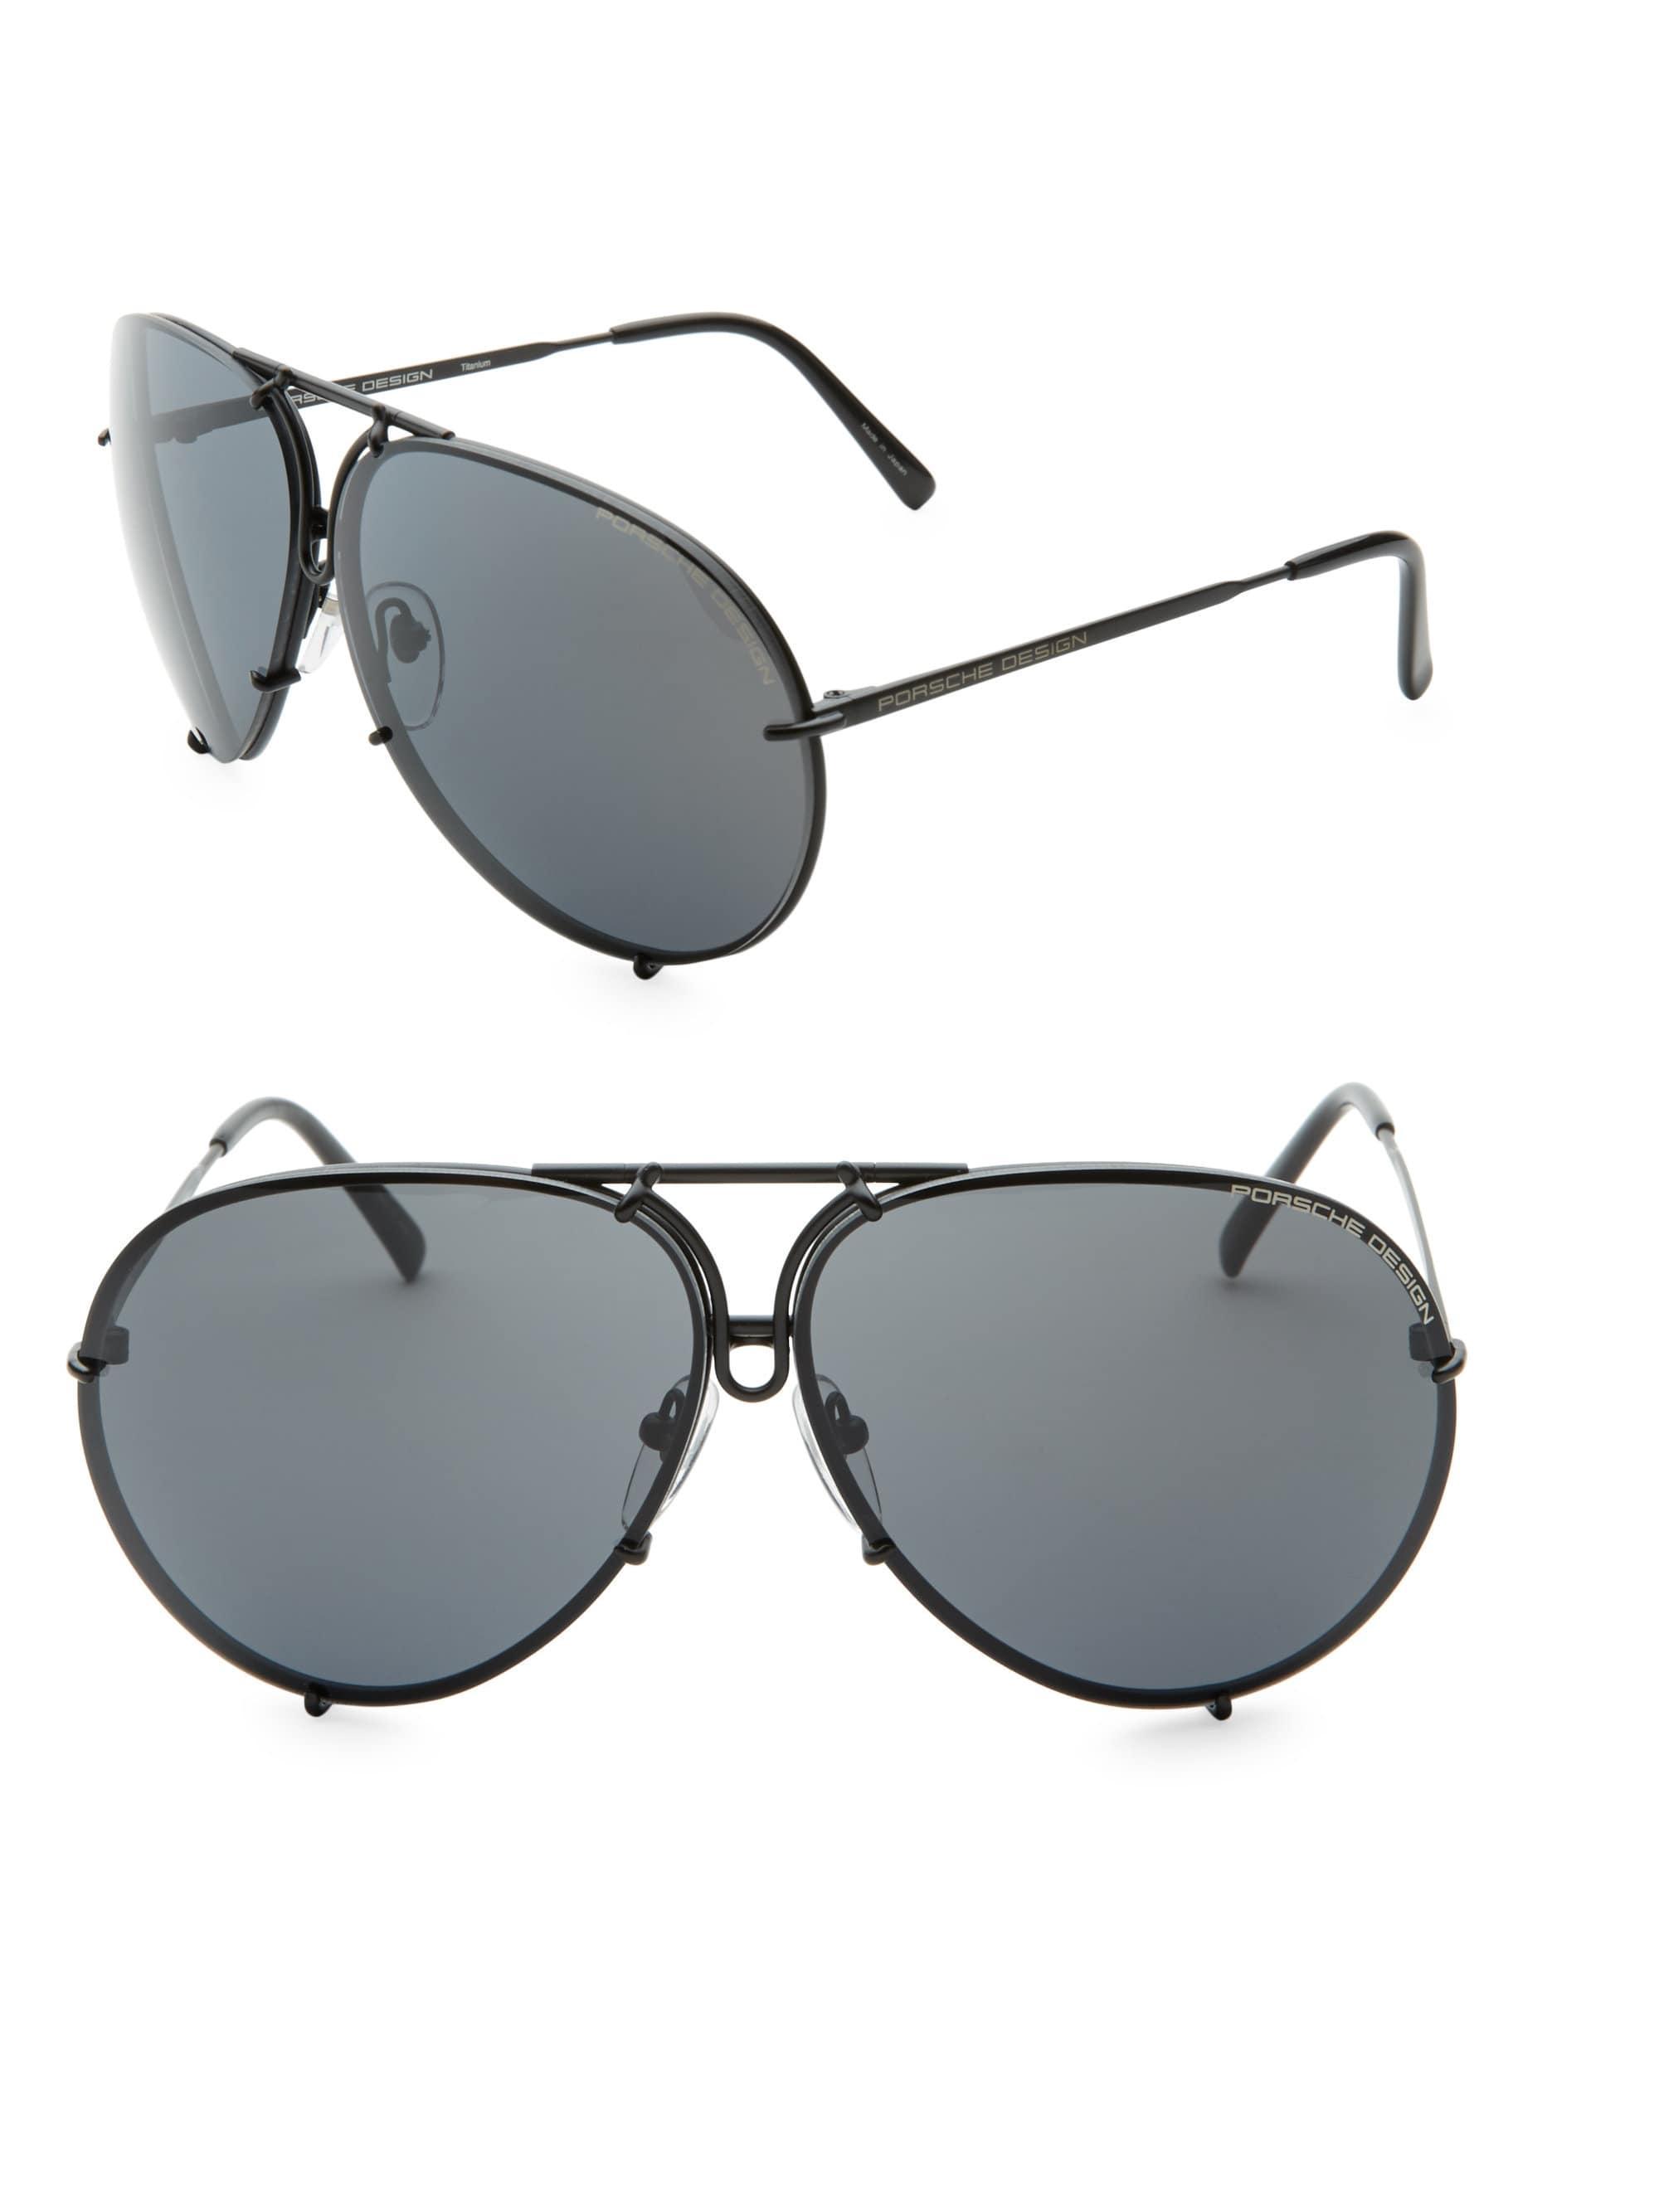 9df140d4aca Lyst - Porsche Design P847 Aviator Tinted Sunglasses in Black for Men